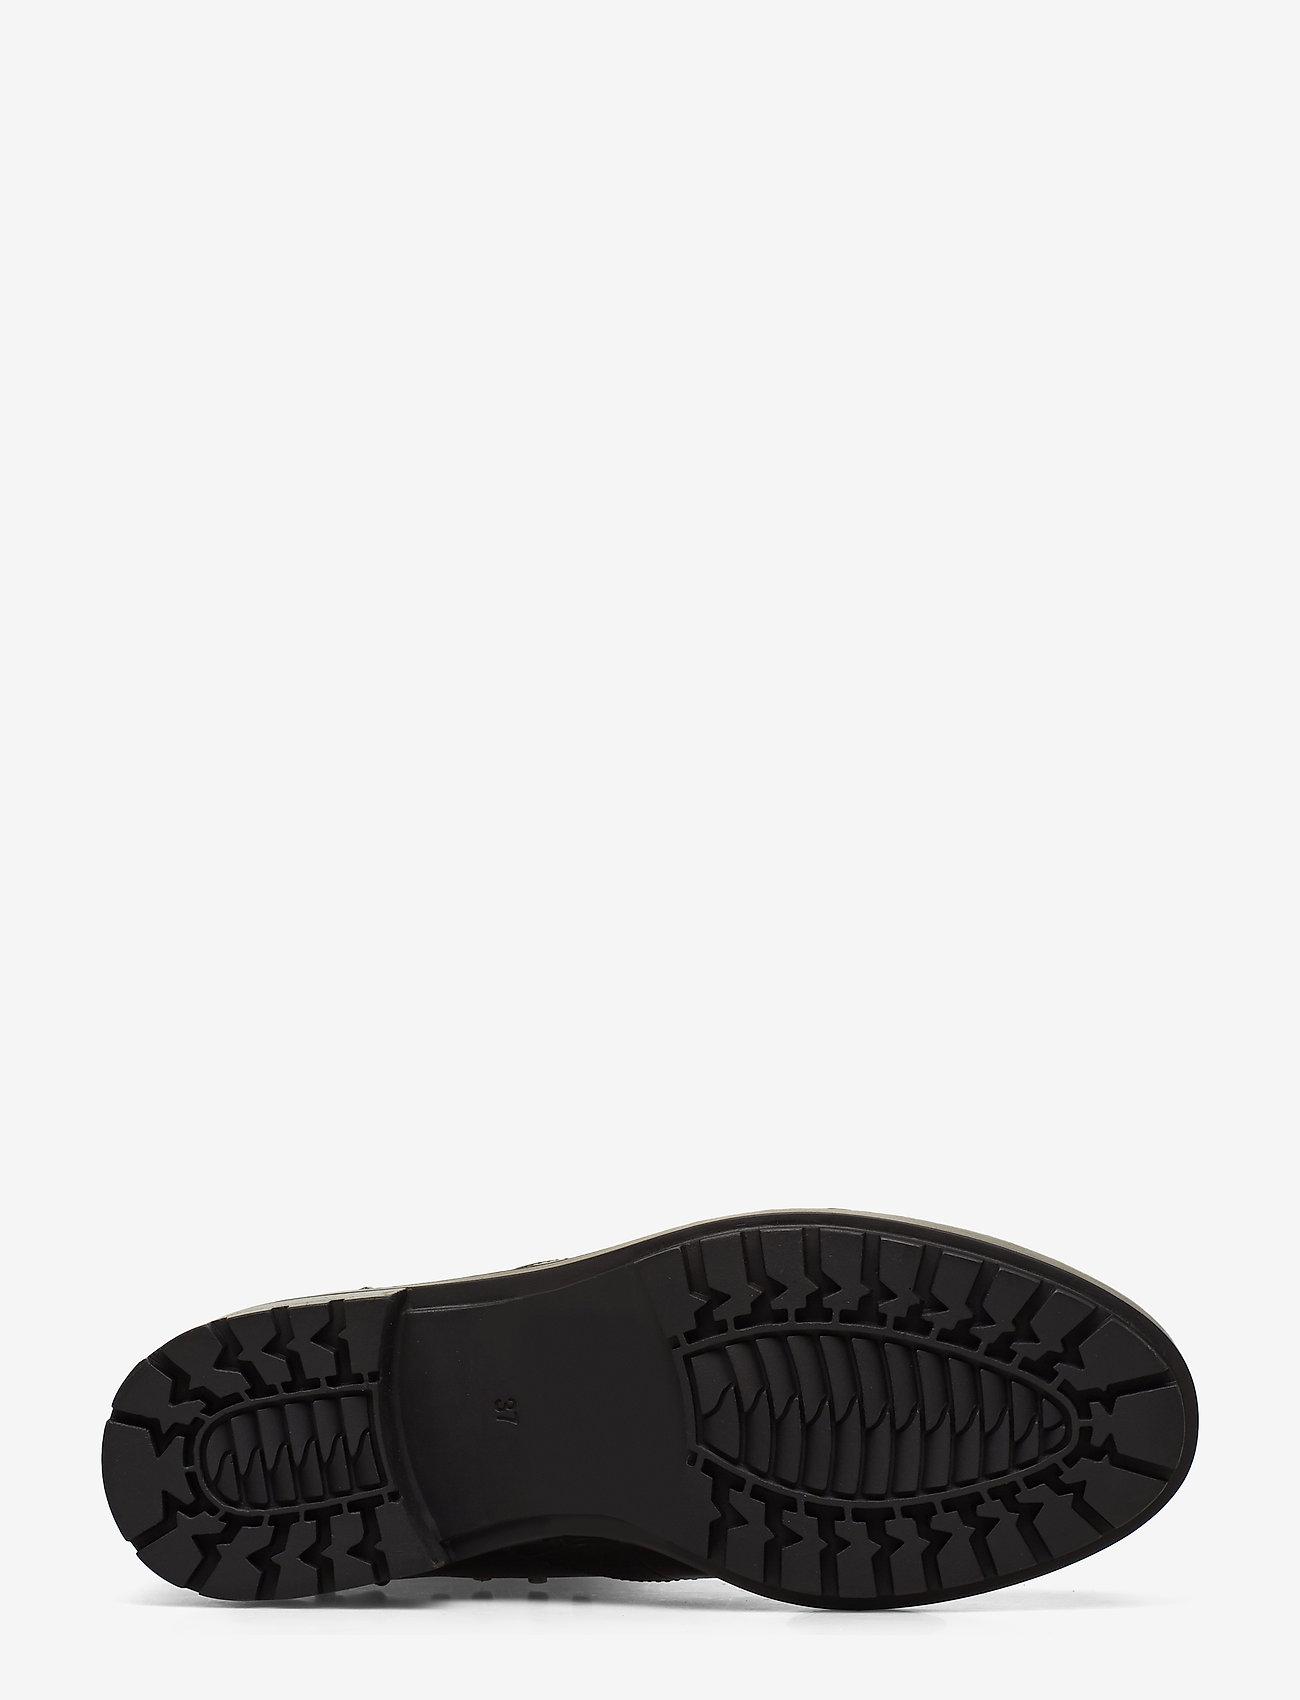 Boot (Black) - Sofie Schnoor